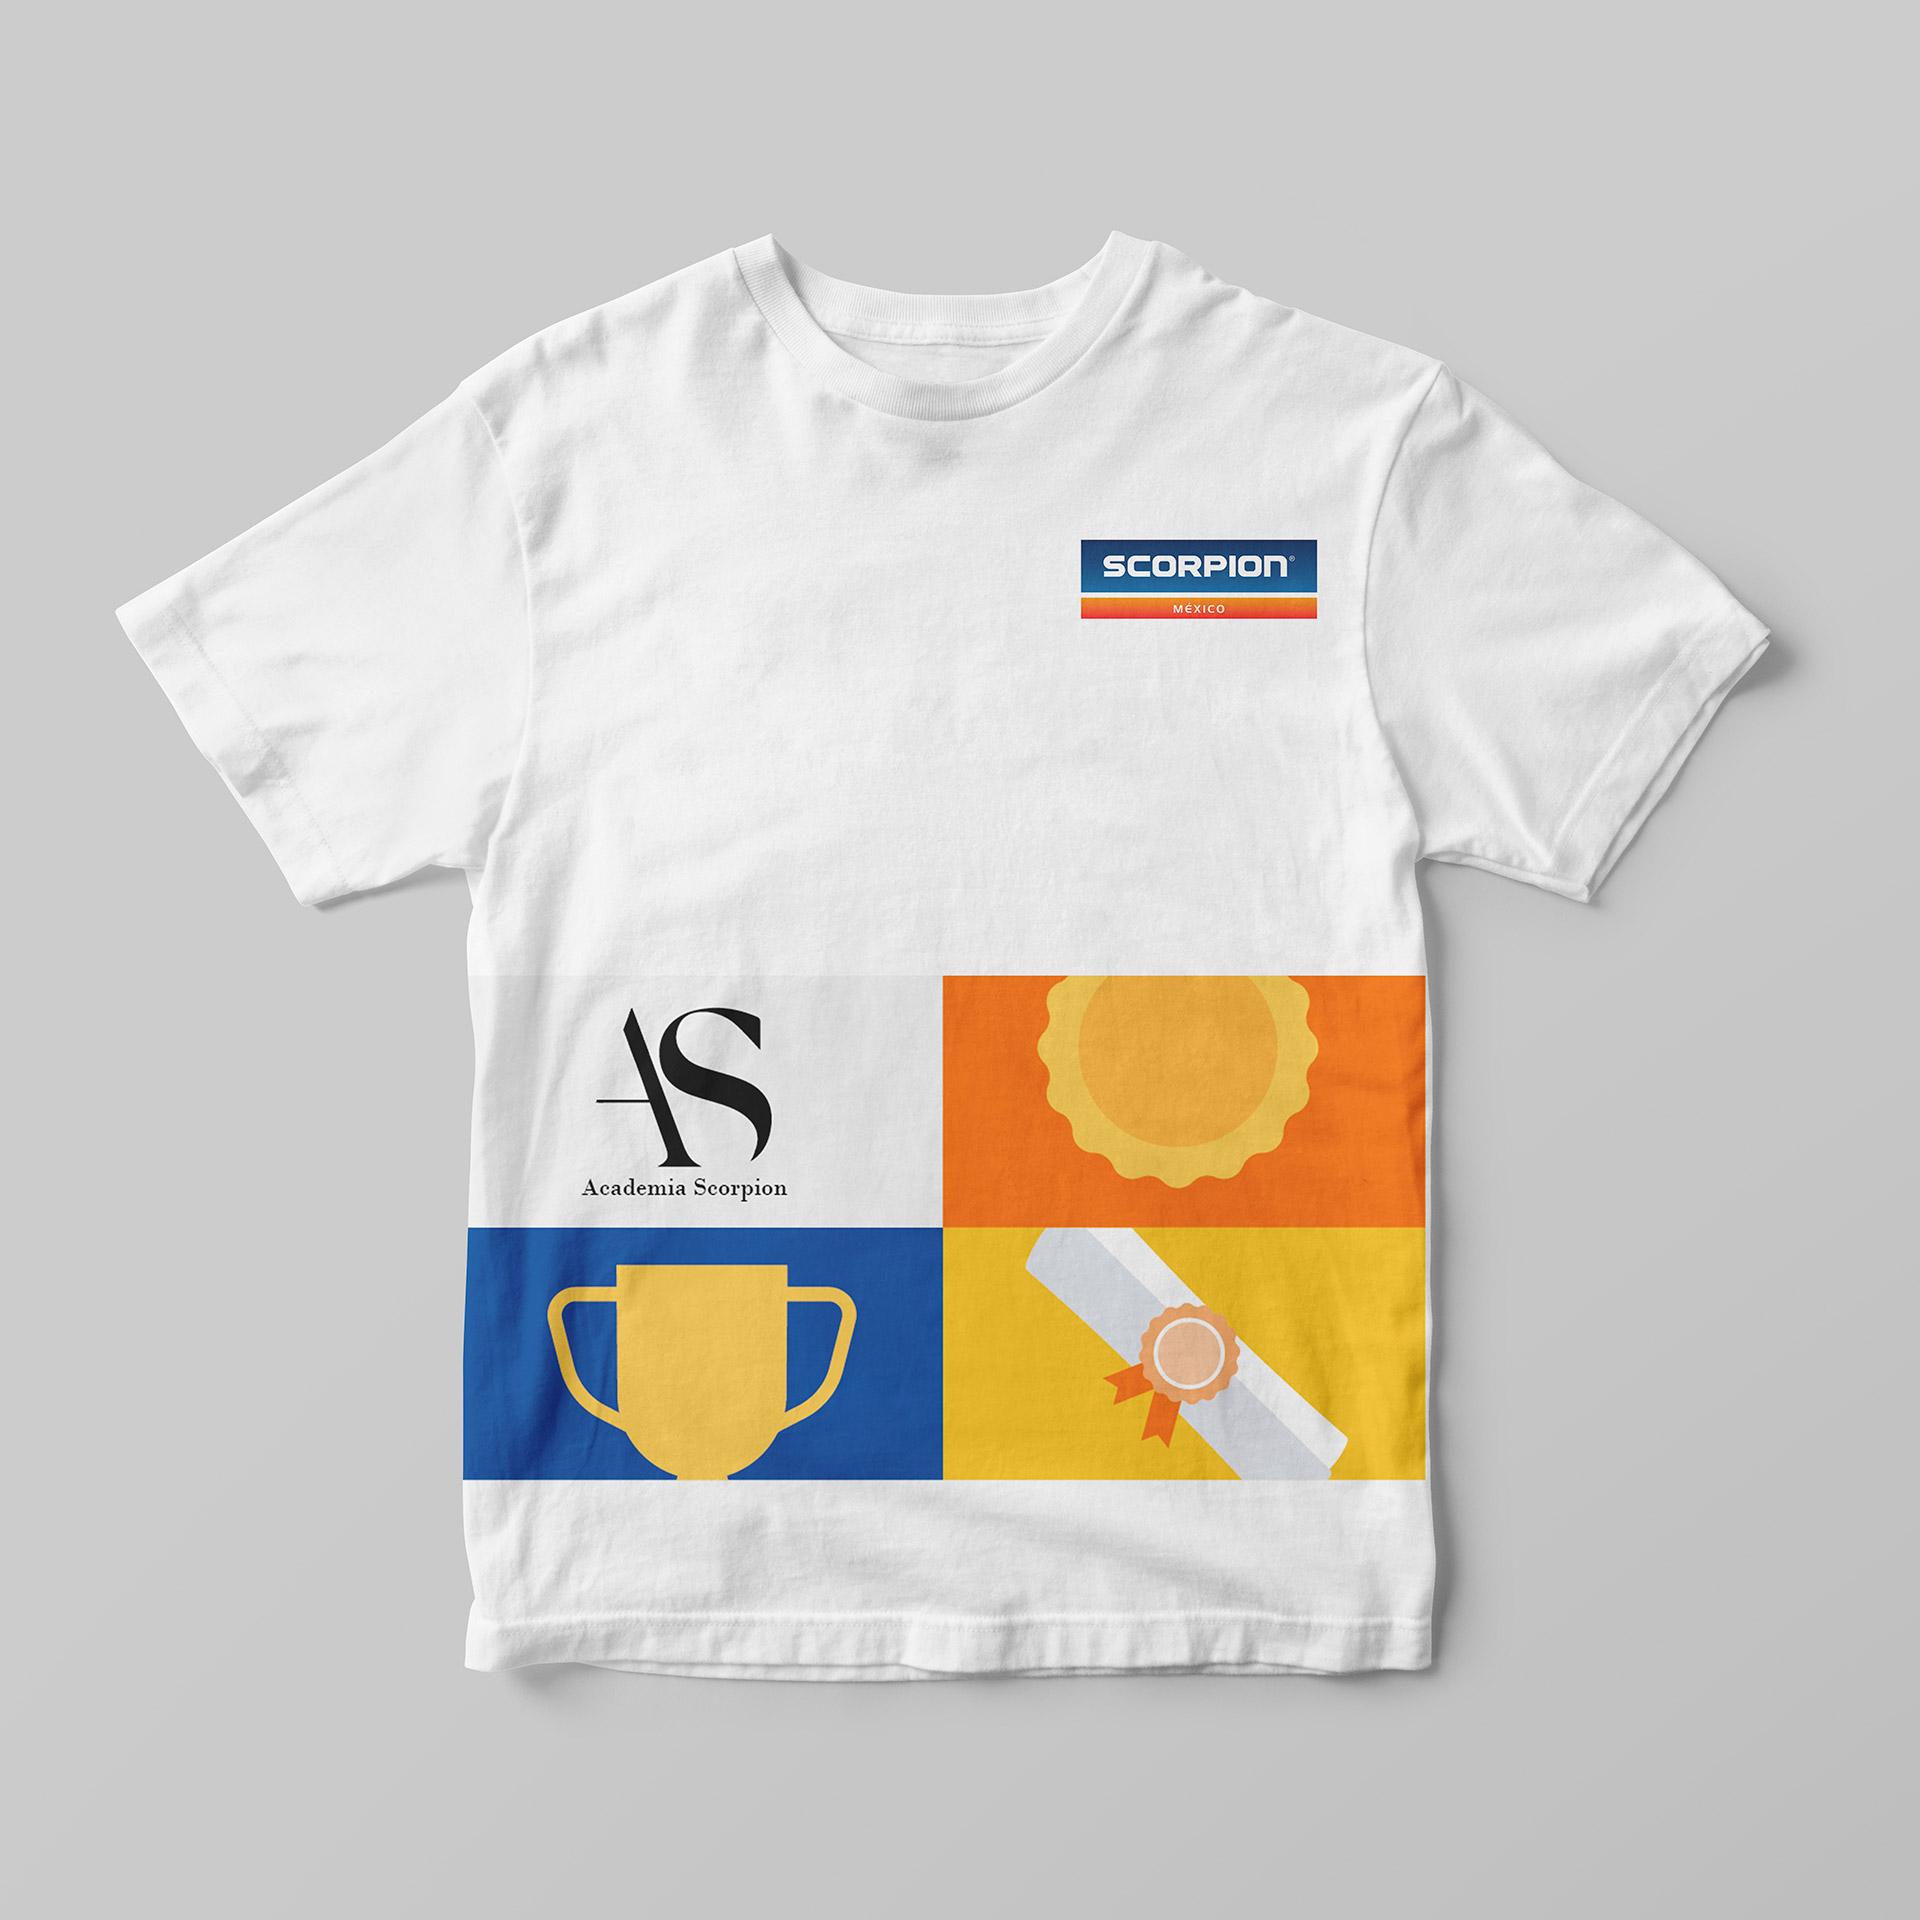 camiseta branding academia scorpion